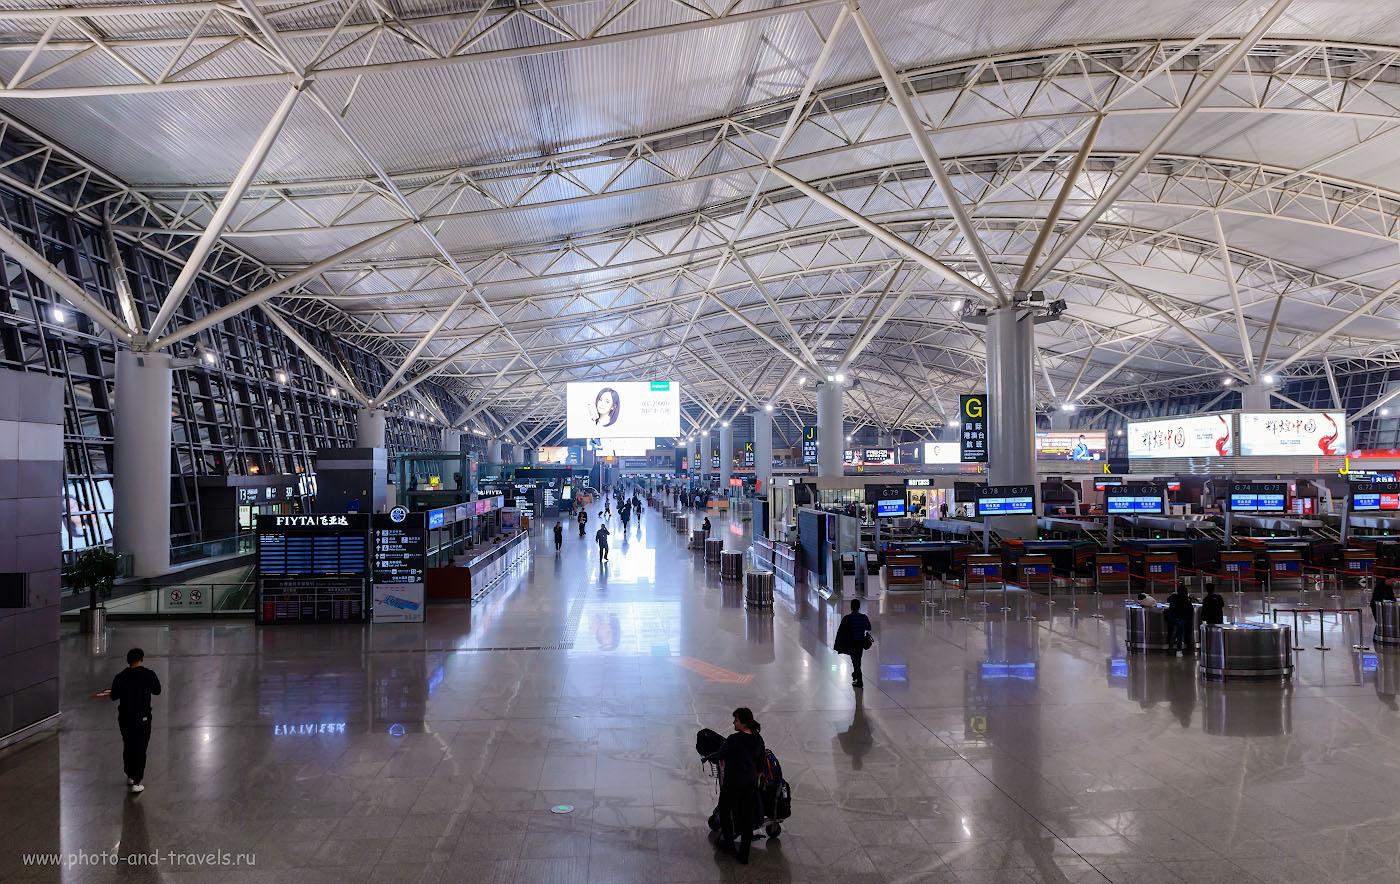 Фото 21. Зал вылета аэропорта Сианя. Ожидаем начала регистрации на рейс в Таиланд из Китая. 1/50, +0.33, 5.6, 1250, 24.